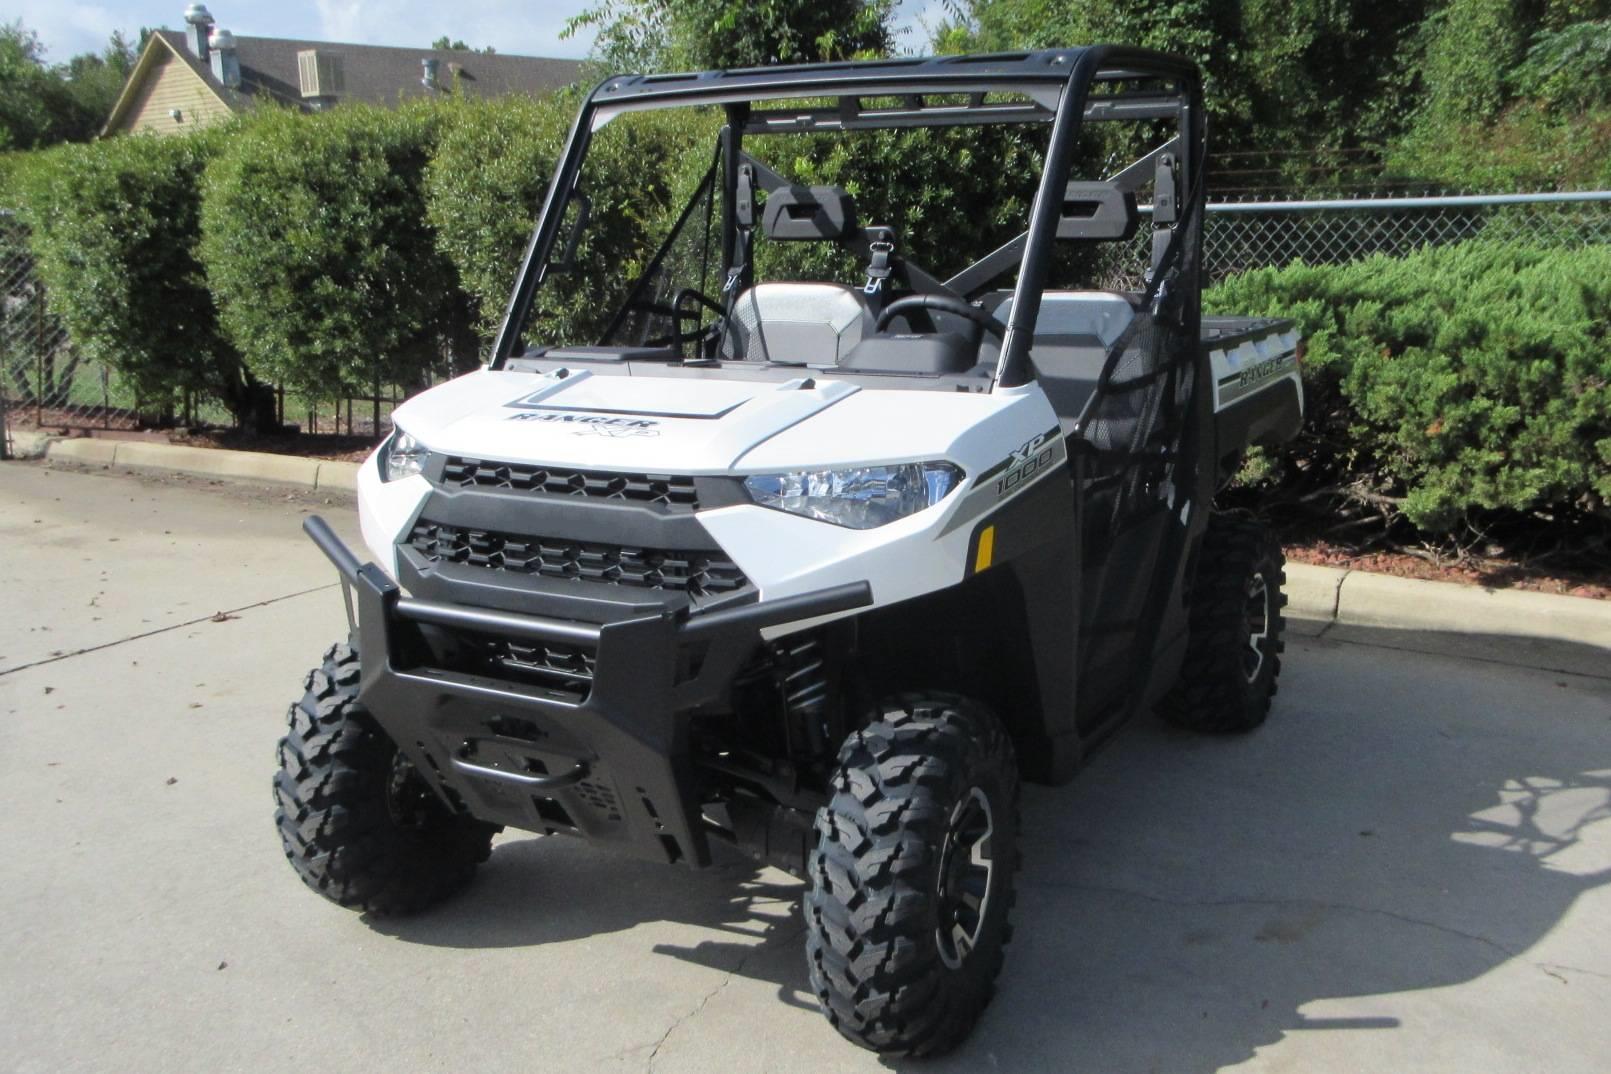 High Quality Ranger XP 1000 EPS Premium UTV 6